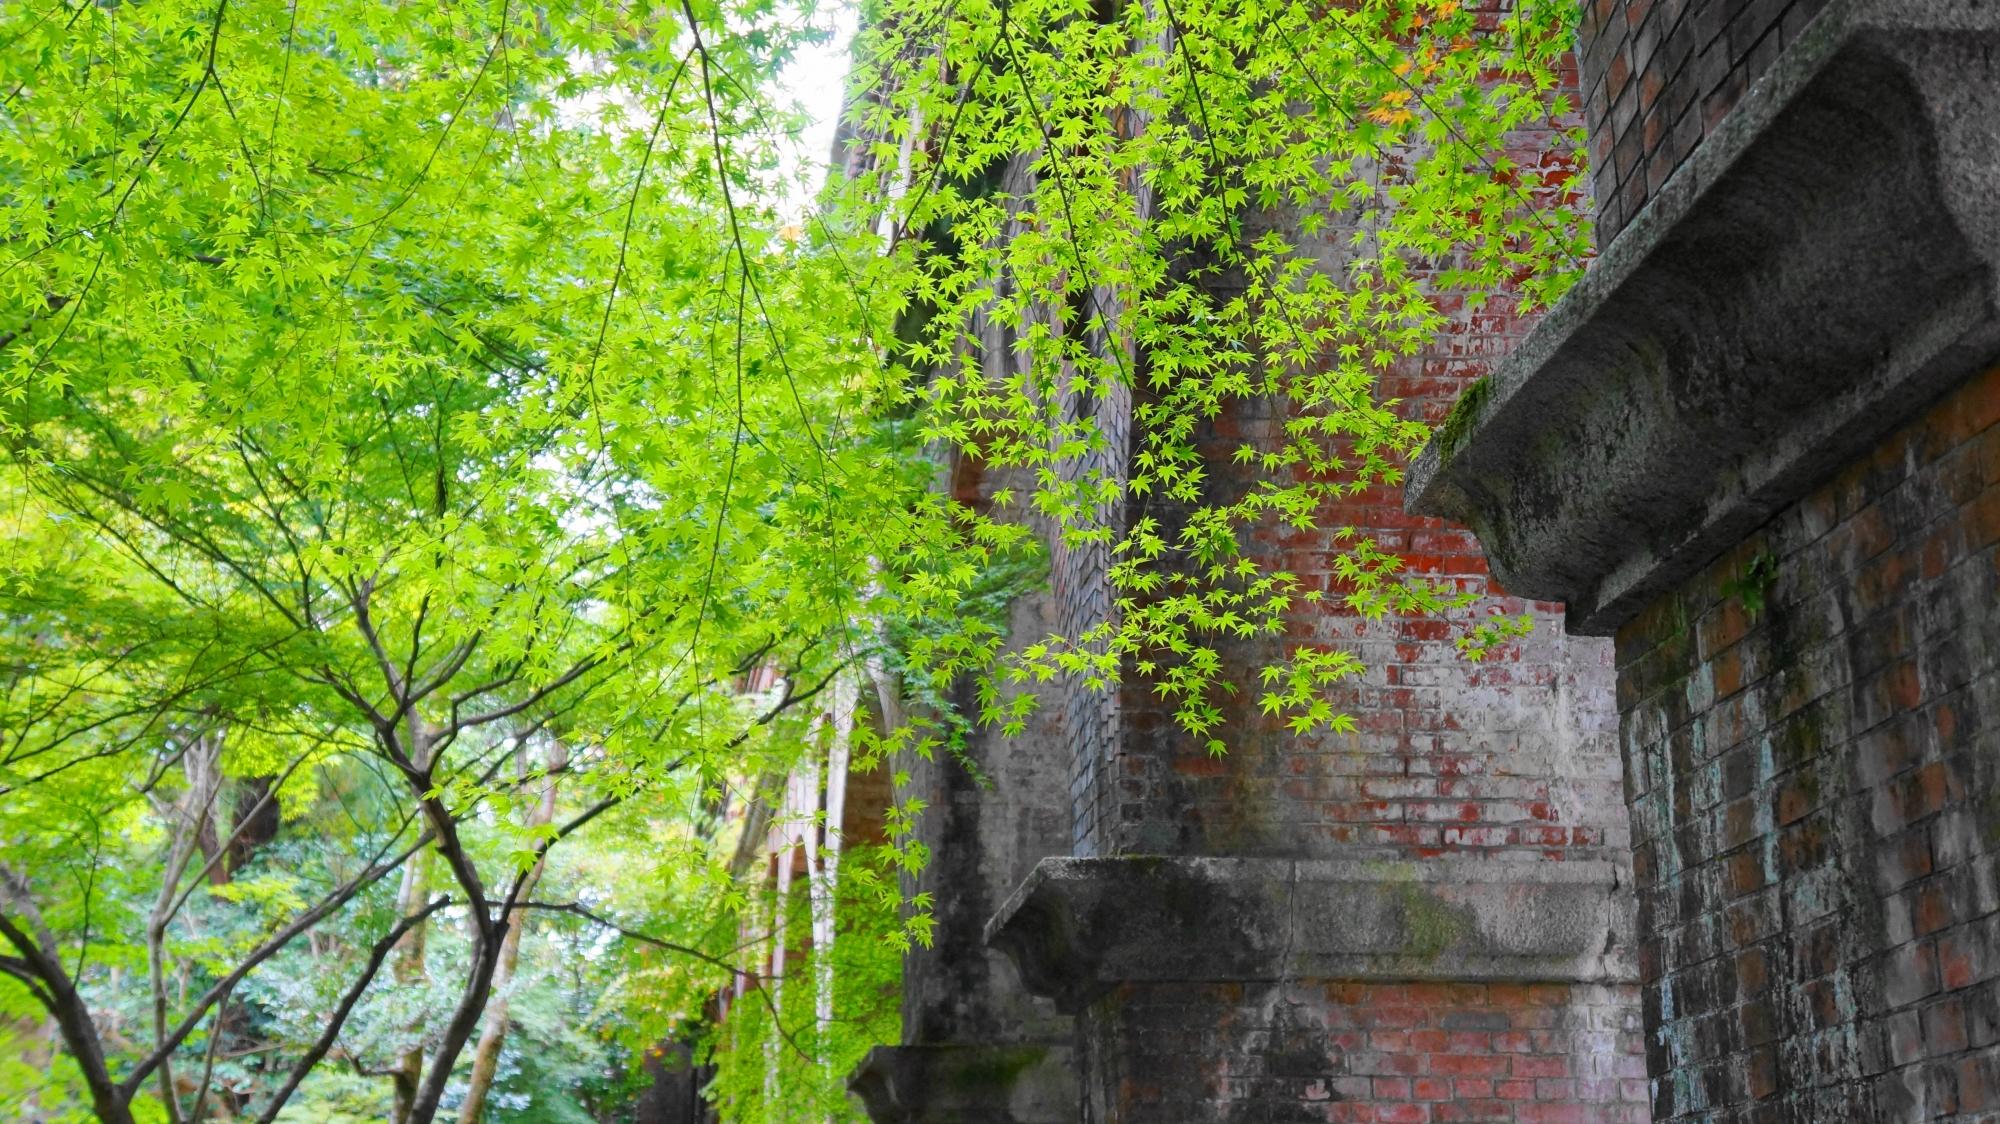 南禅寺の水路閣の鮮やかな青もみじ